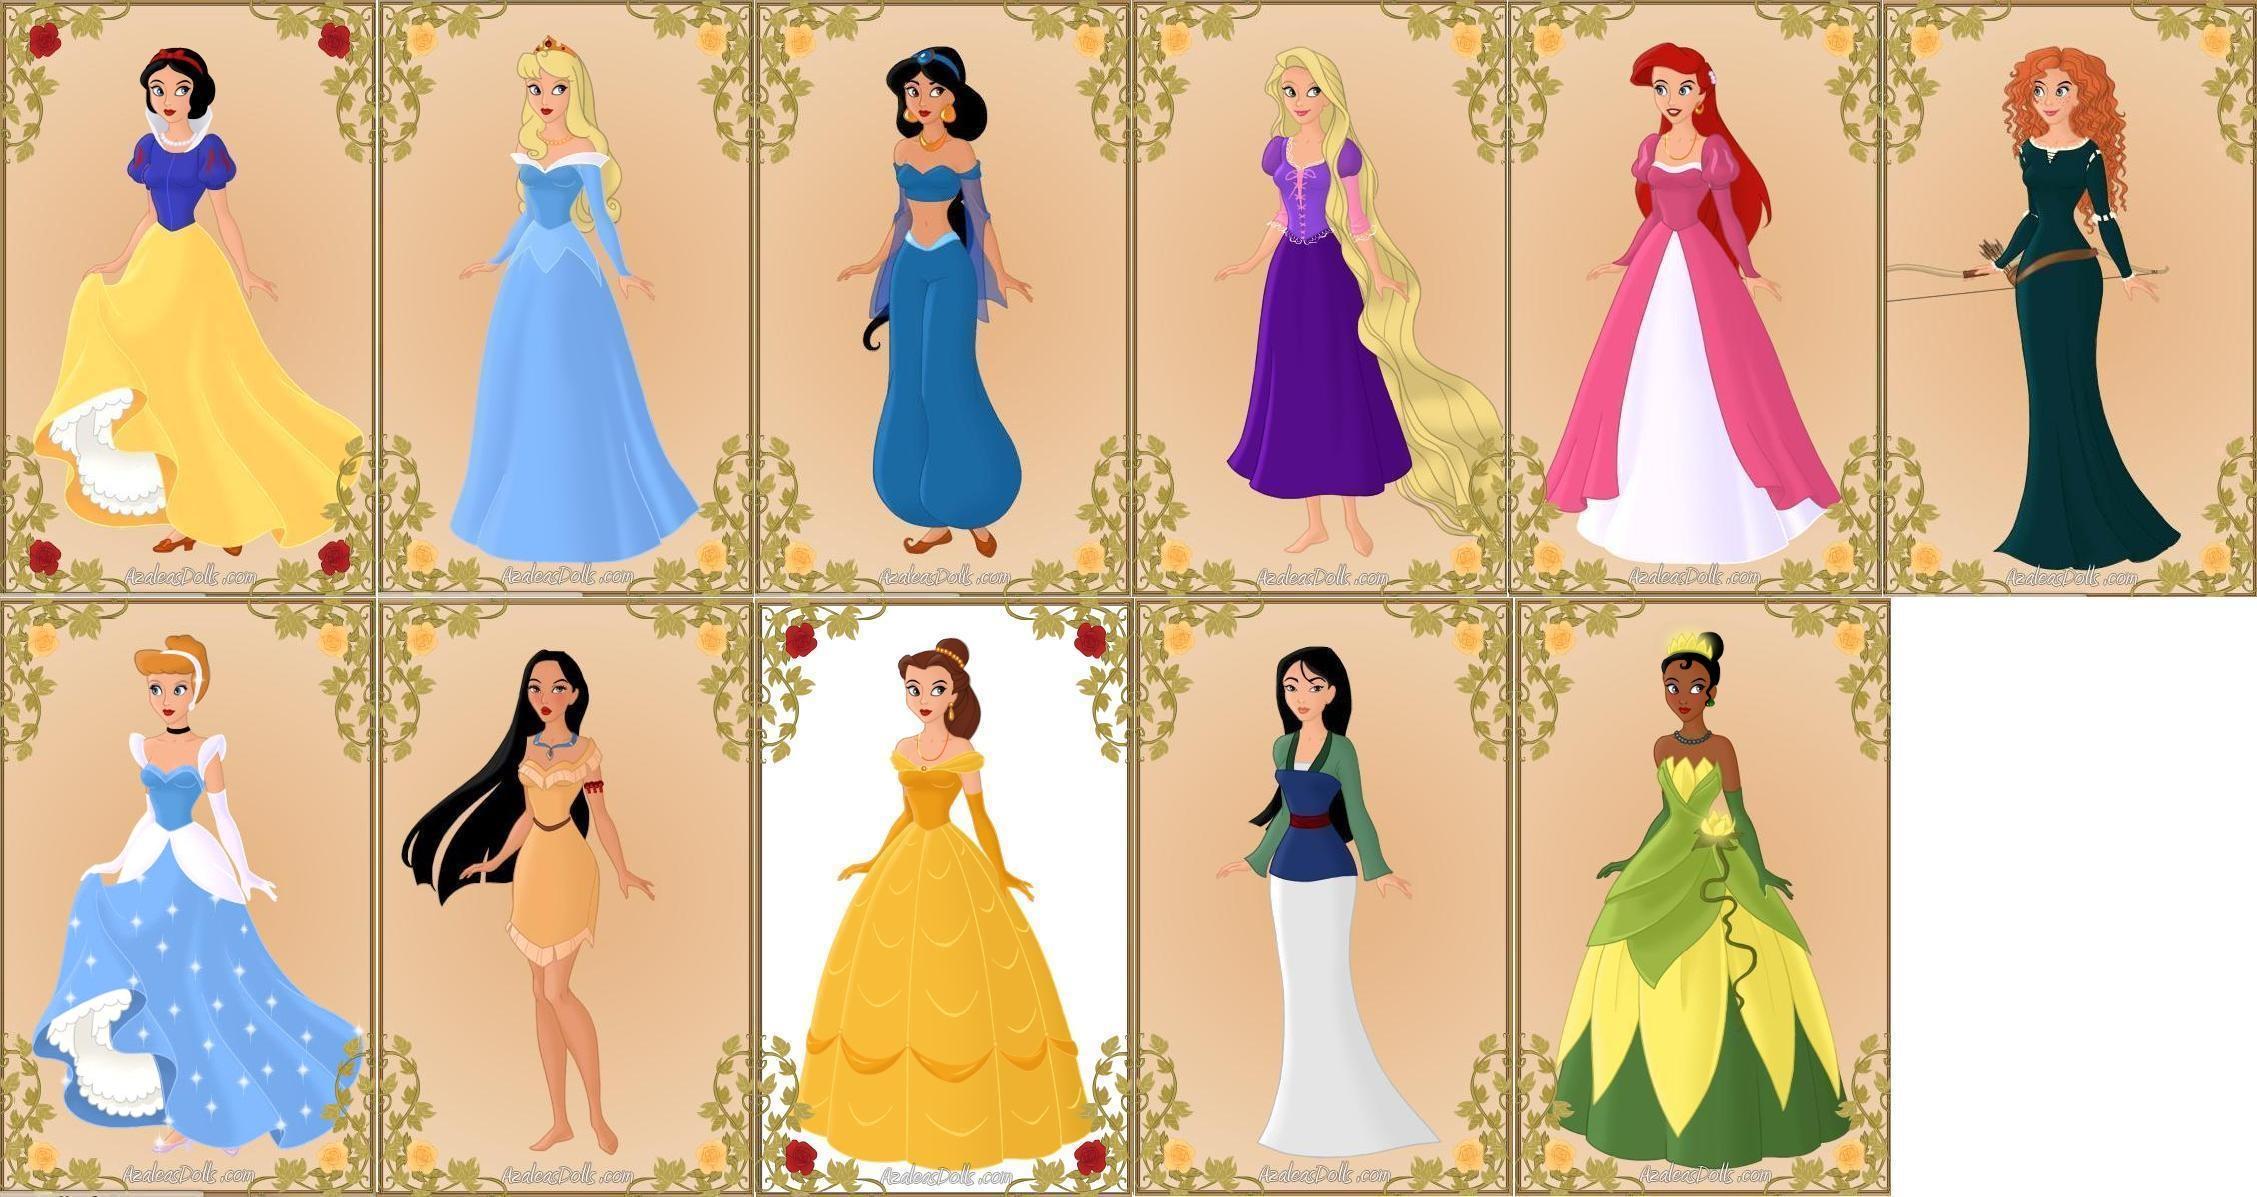 offical disney princesses by tffan234 on deviantart. Black Bedroom Furniture Sets. Home Design Ideas